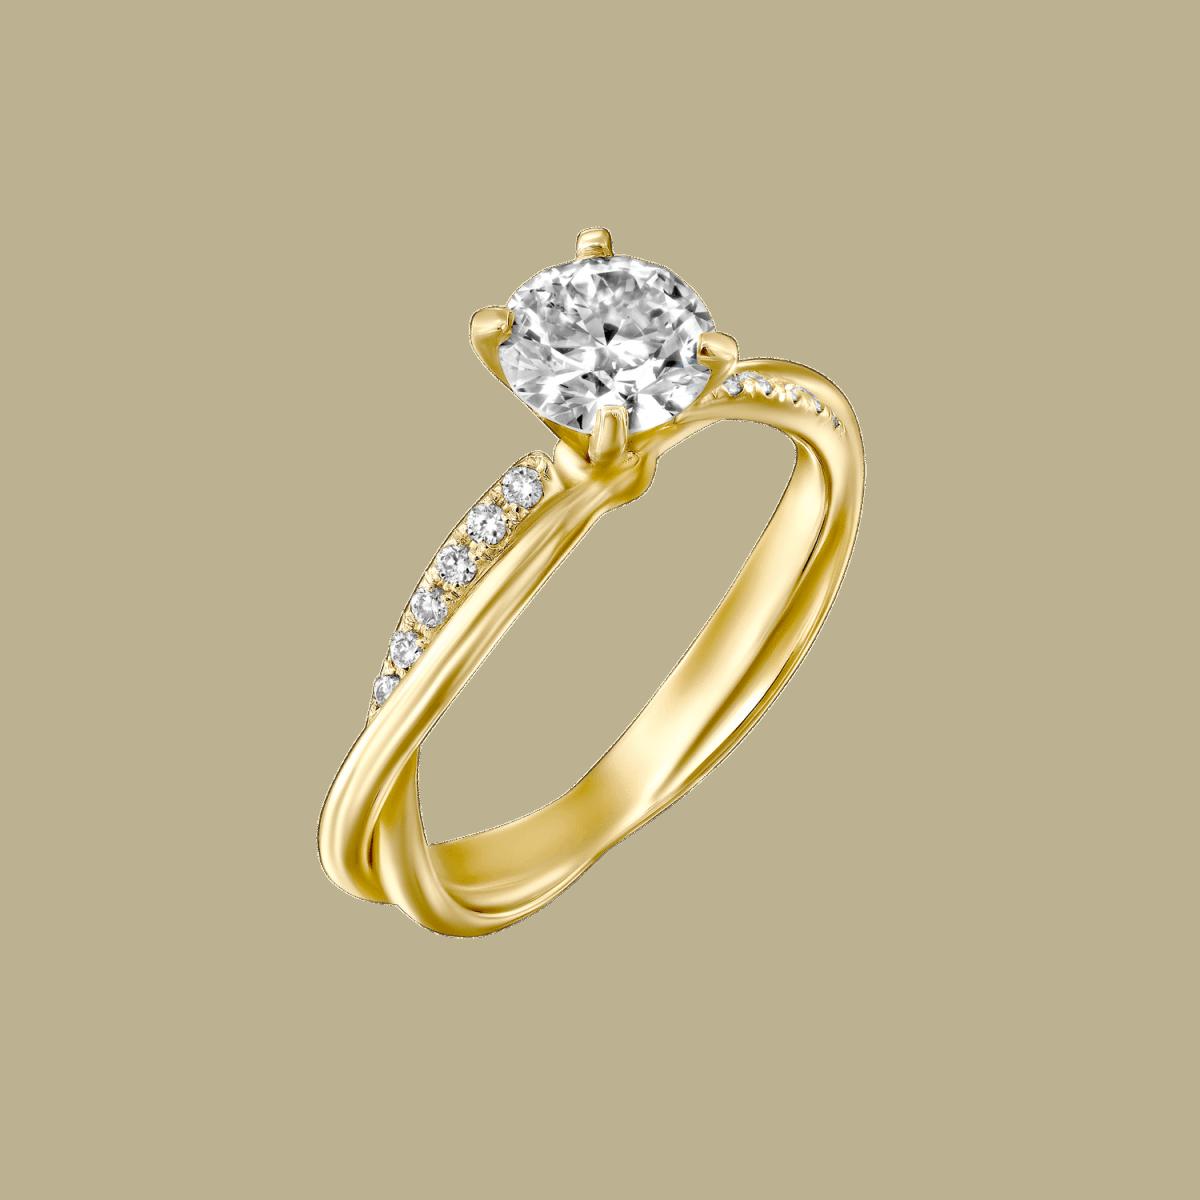 טבעת יהלומים טוויסט מוניק מזהב צהוב 0.41 קראט